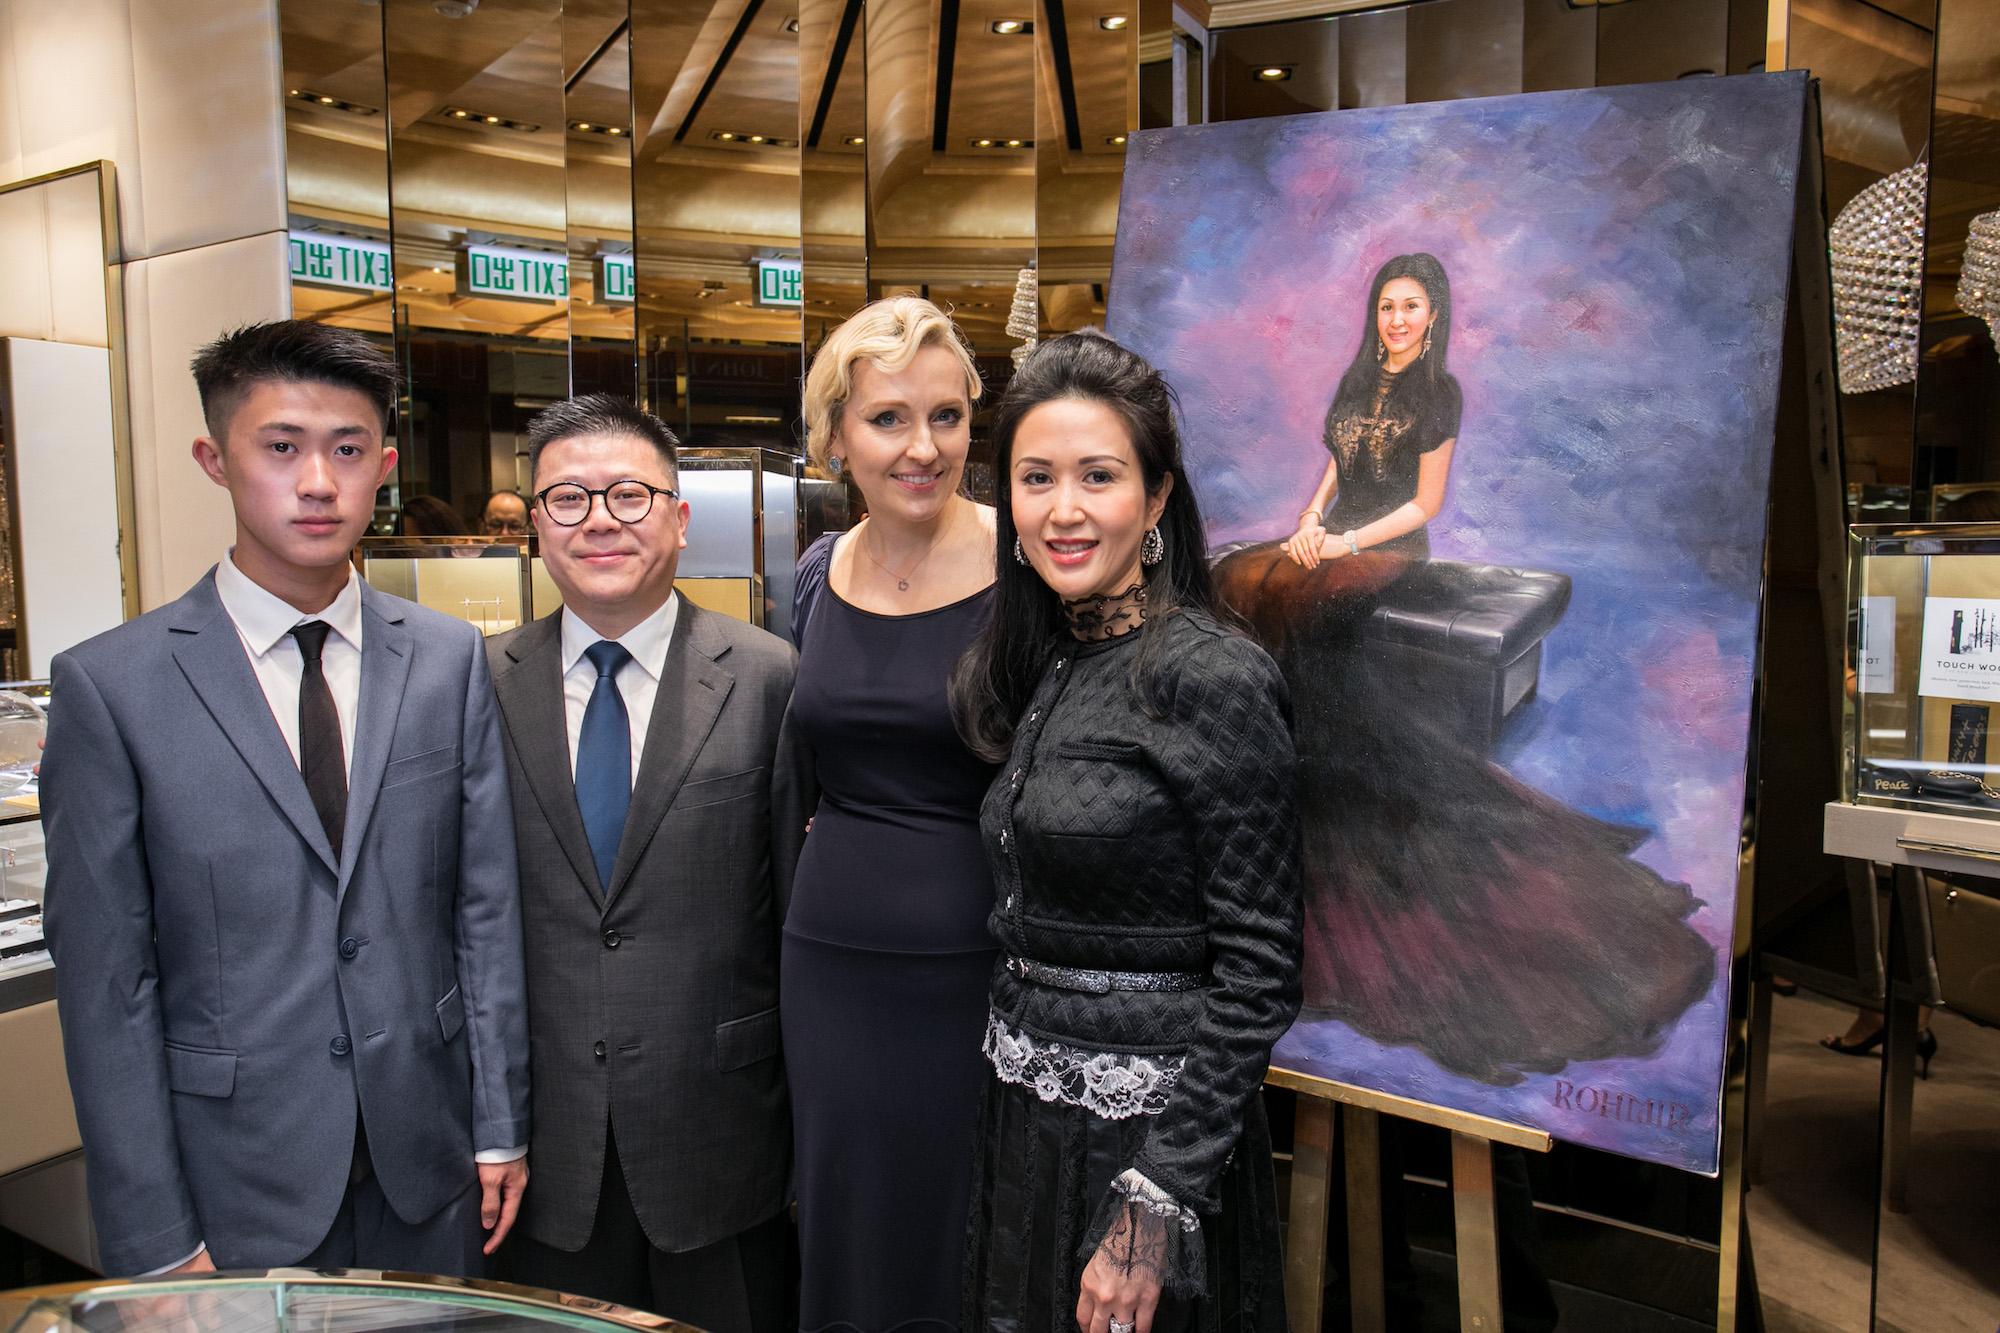 Edward Lam, Matthew Lam, Olga Roh, Lianne Lam